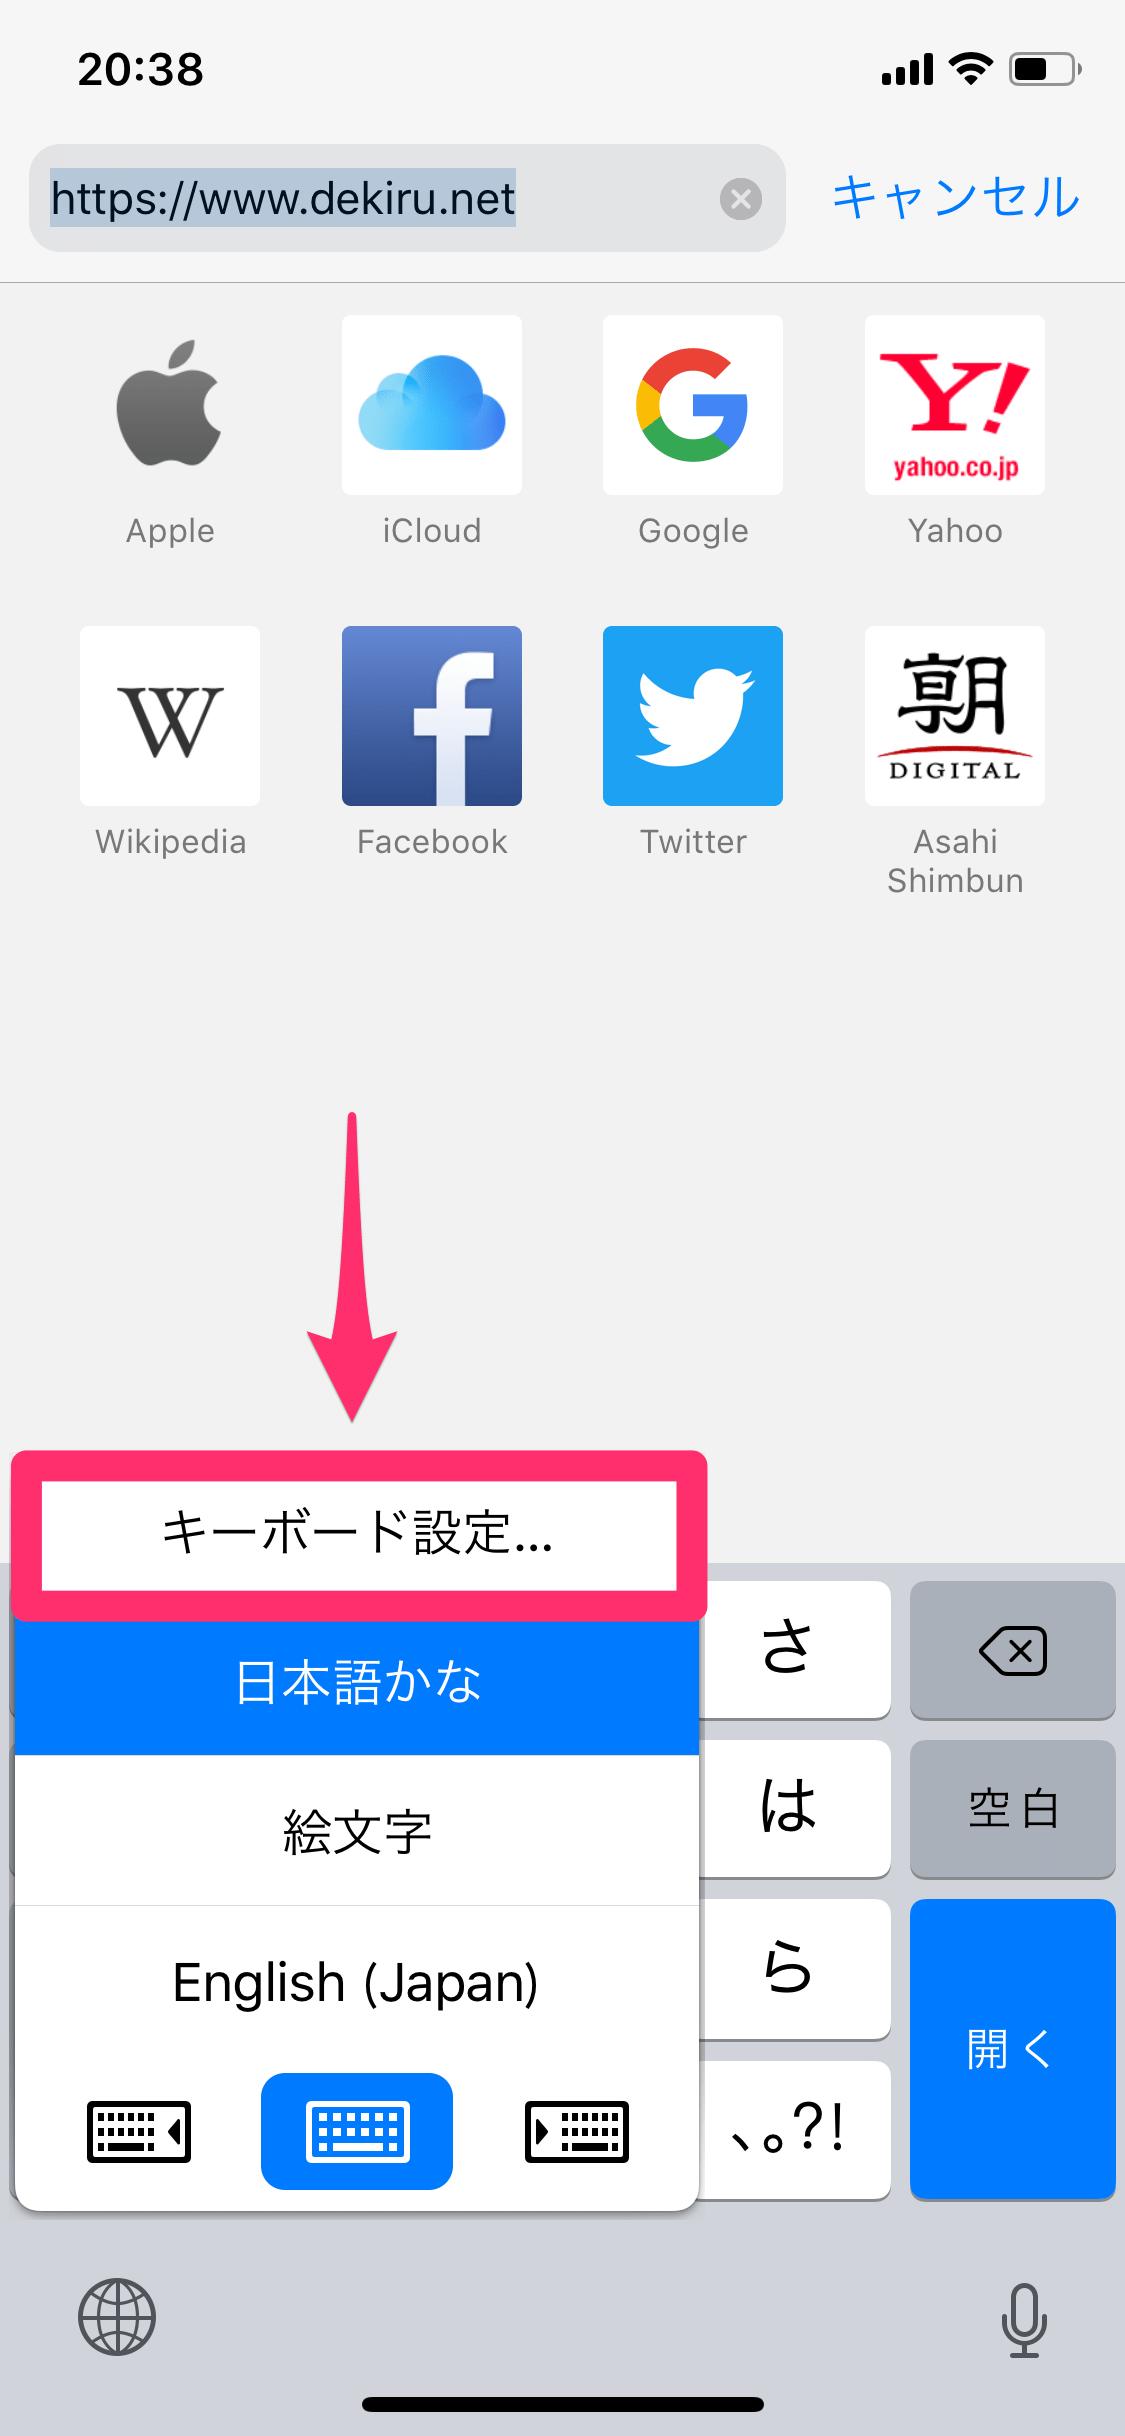 iPhoneでローマ字入力ができるようにする方法。設定でキーボードを追加すればOK!